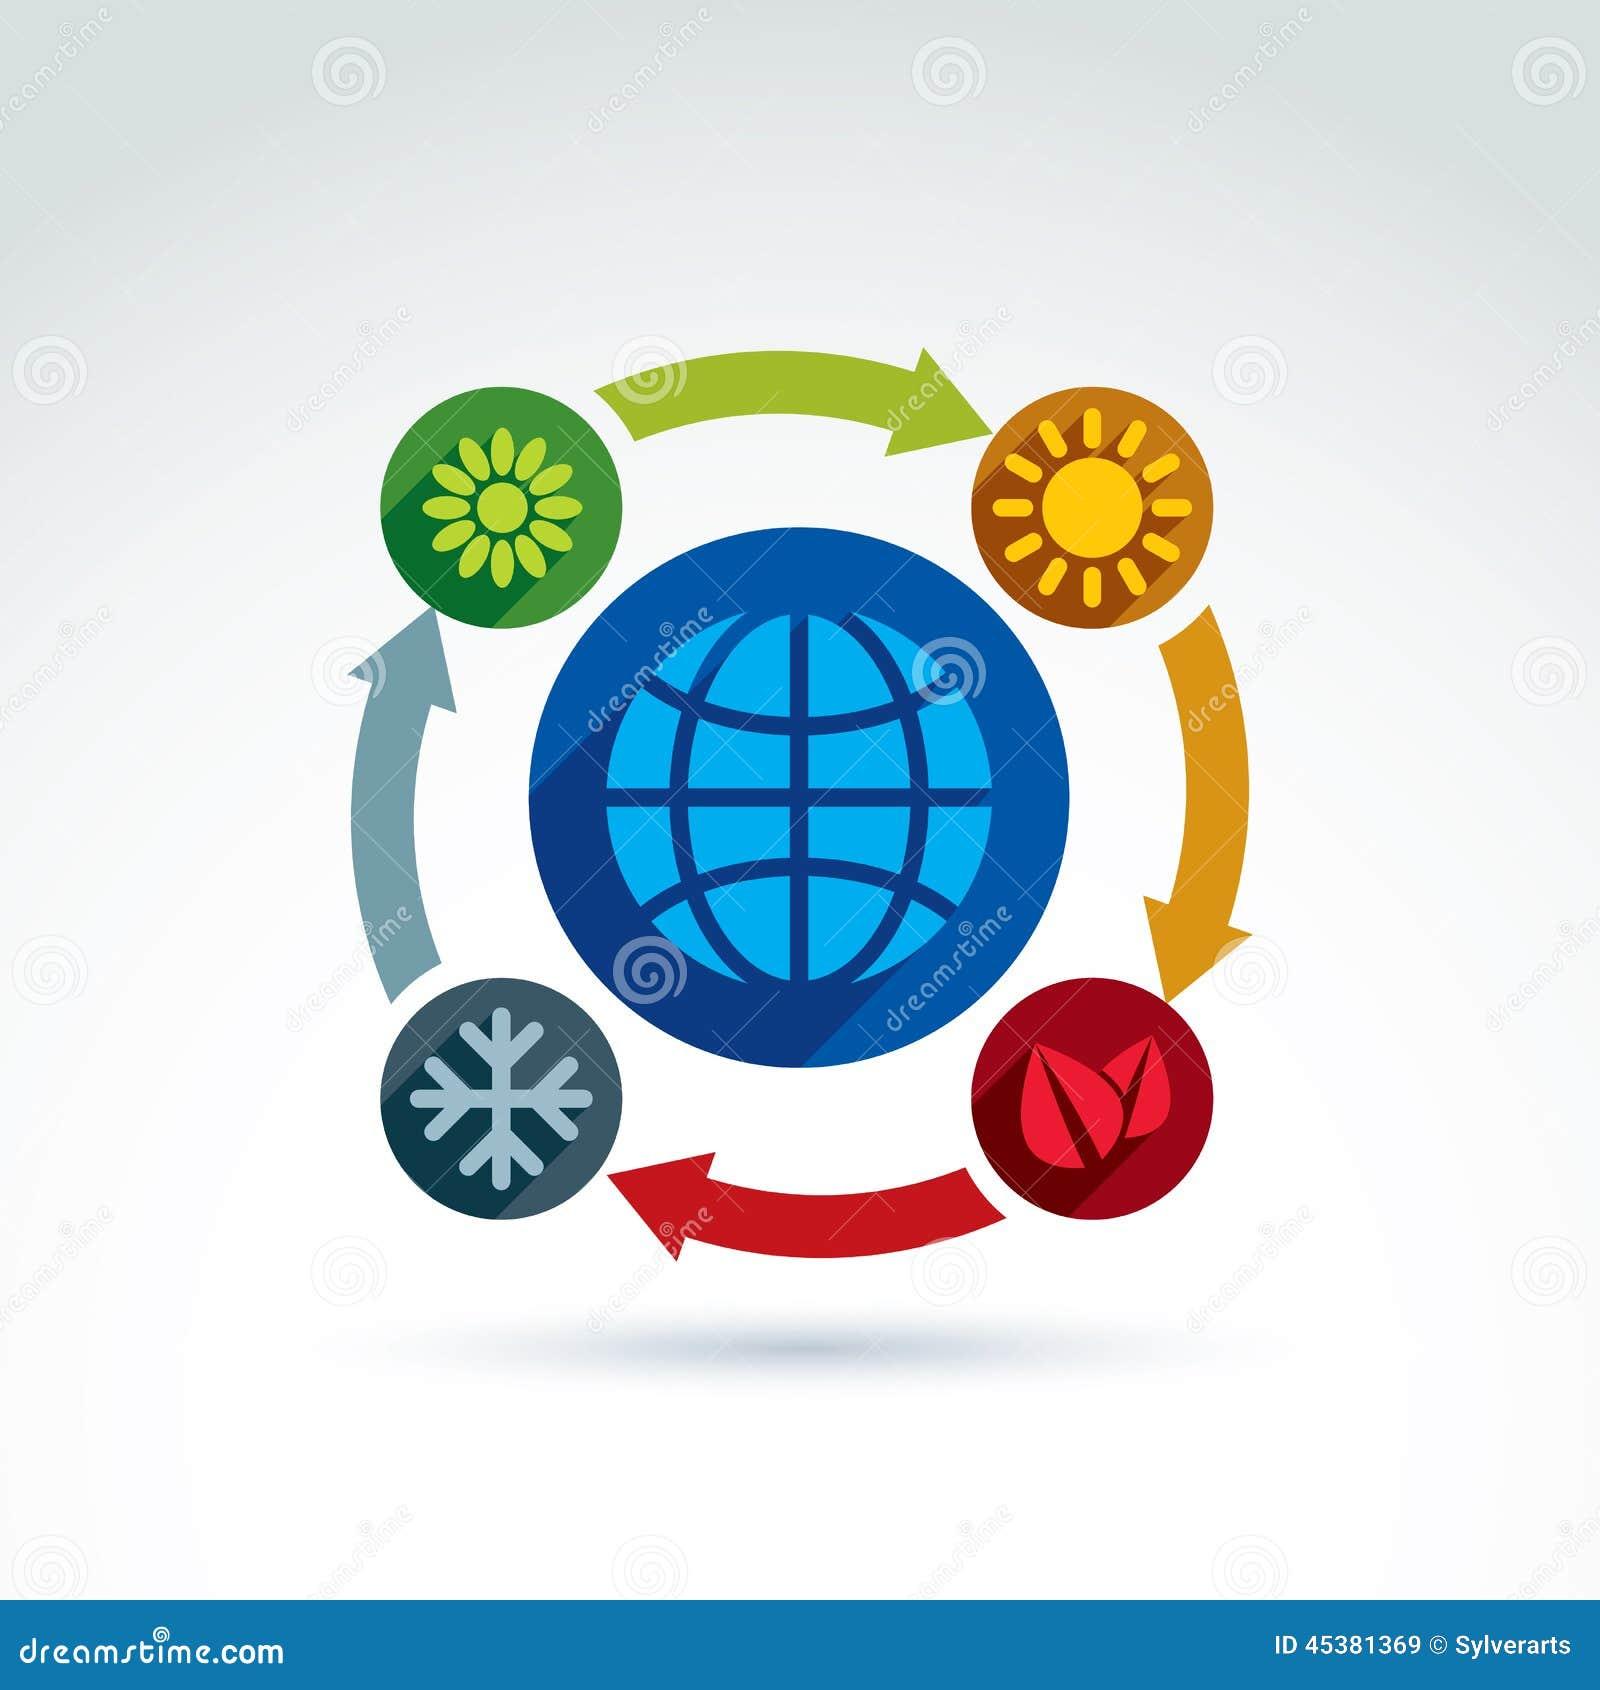 Verbonden cirkels met groene seizoensymbolen